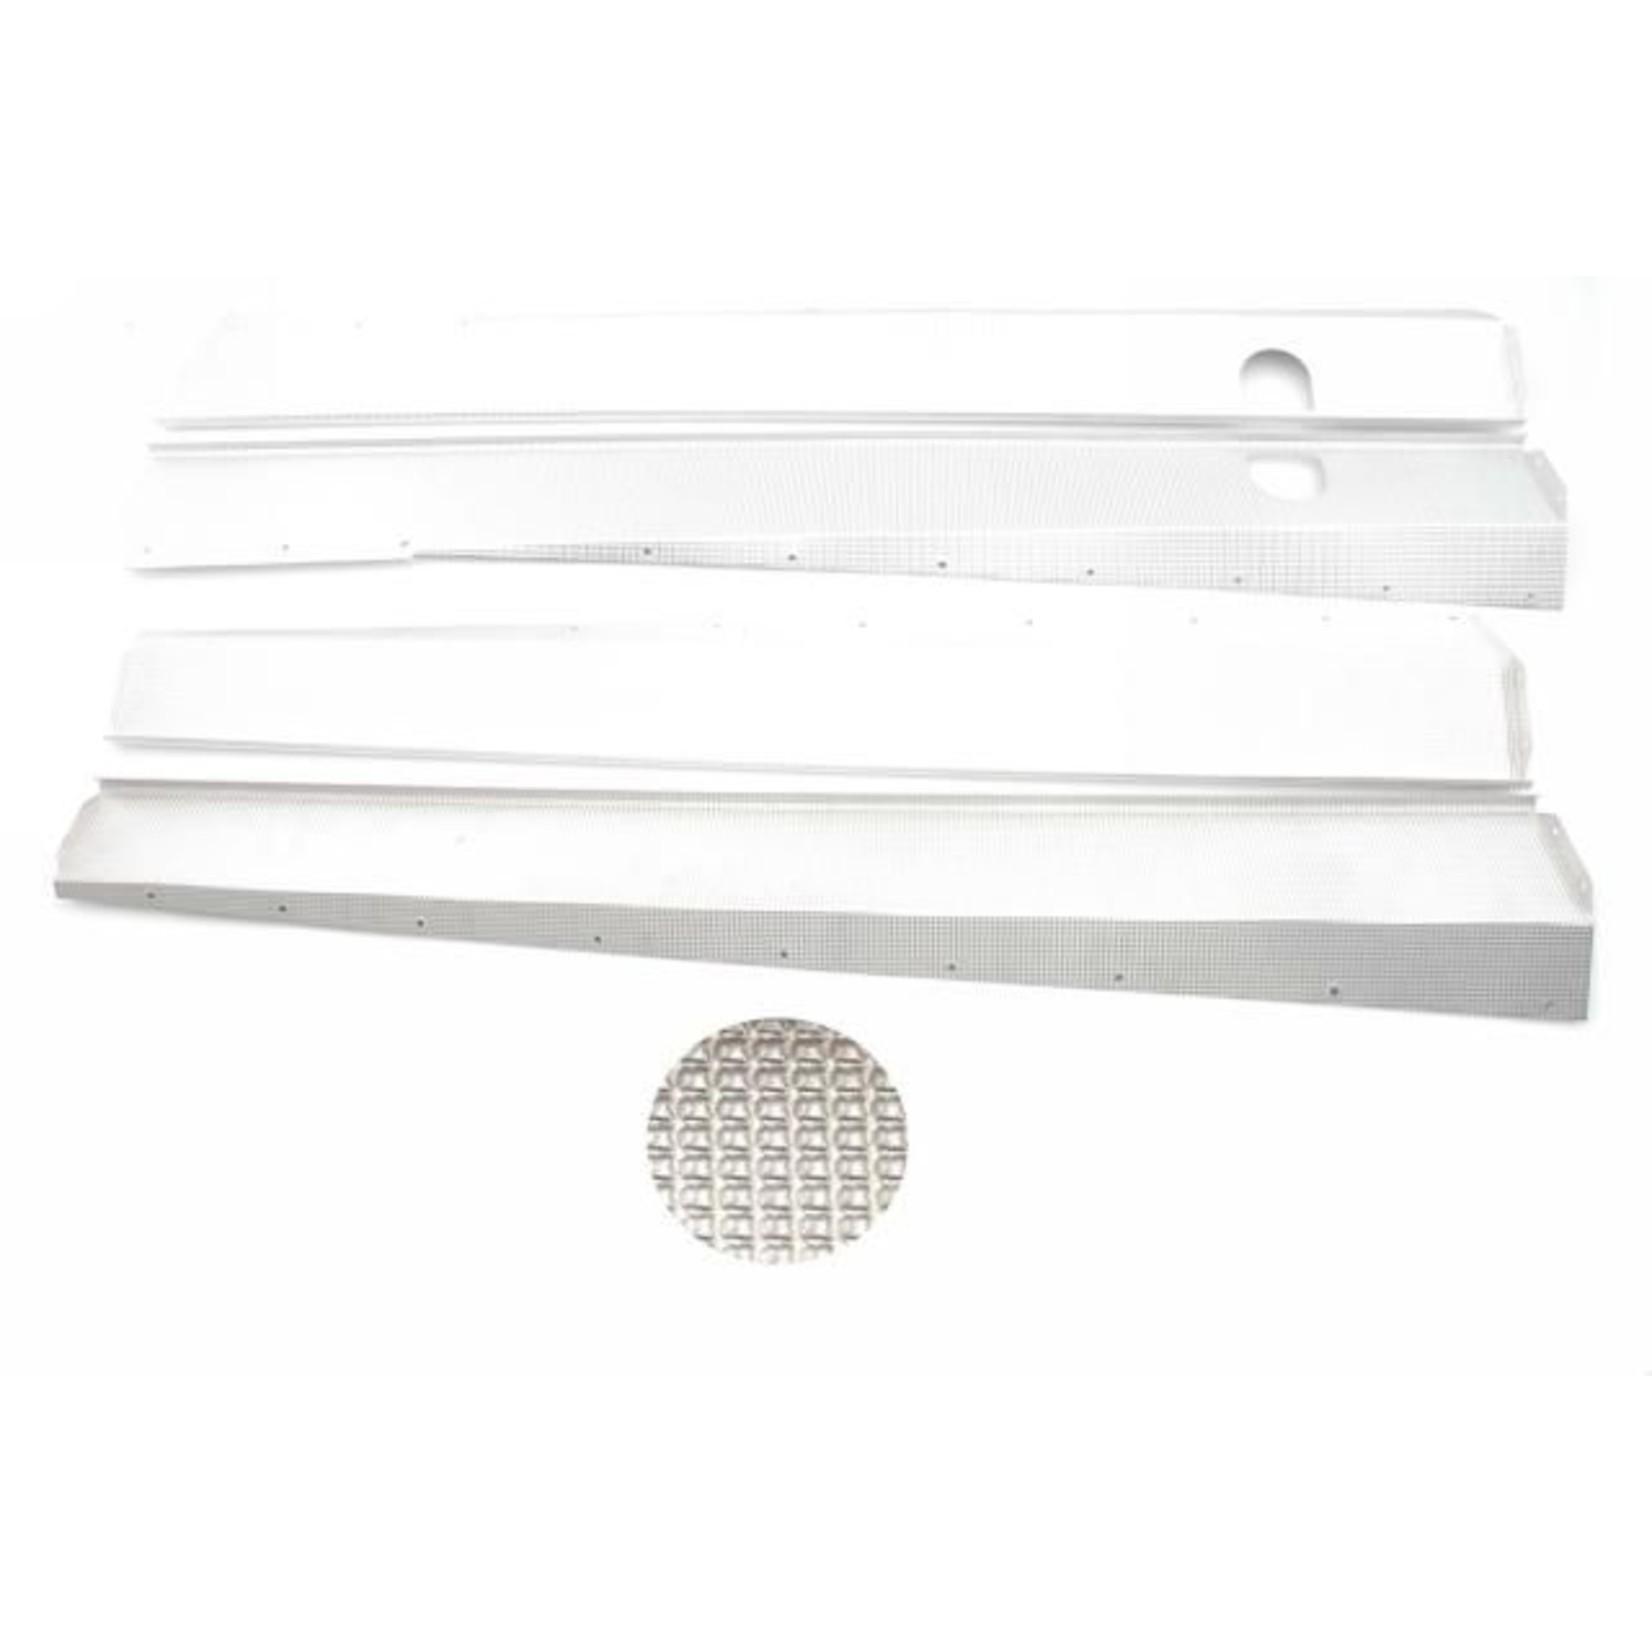 Body panels aluminium Nr Org: DS85362D